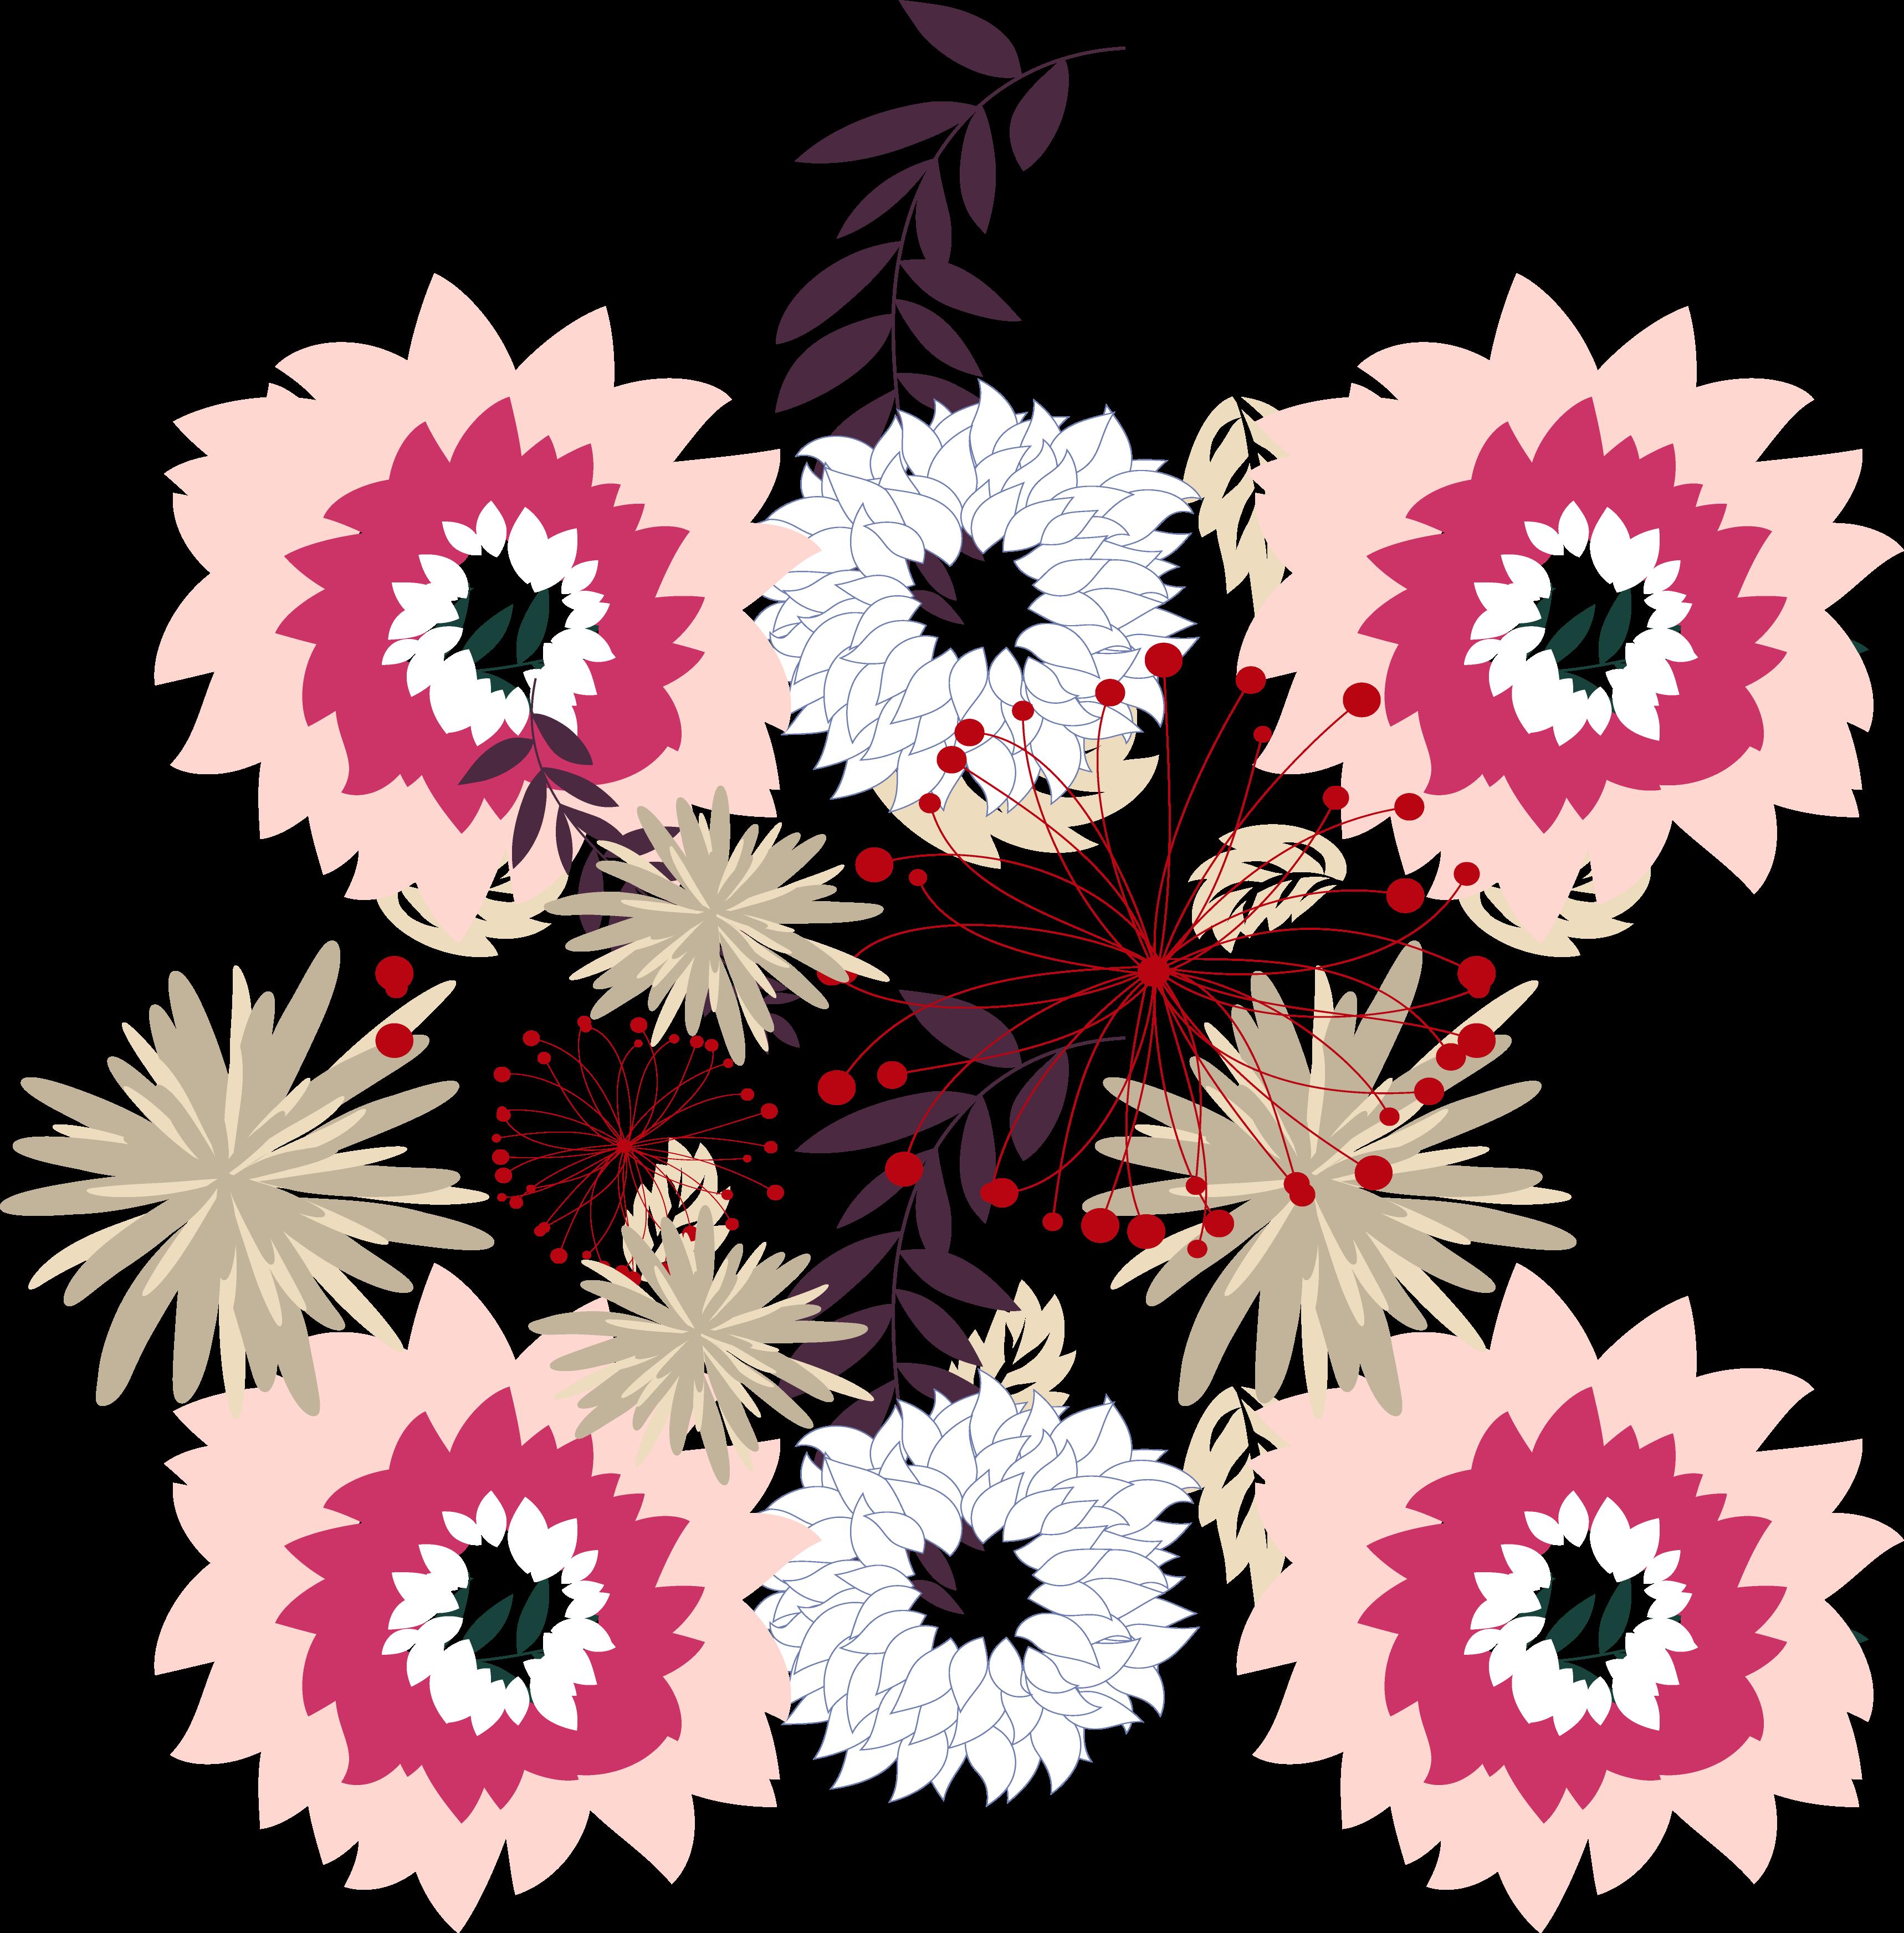 royalty free download Floral design Chrysanthemum Motif